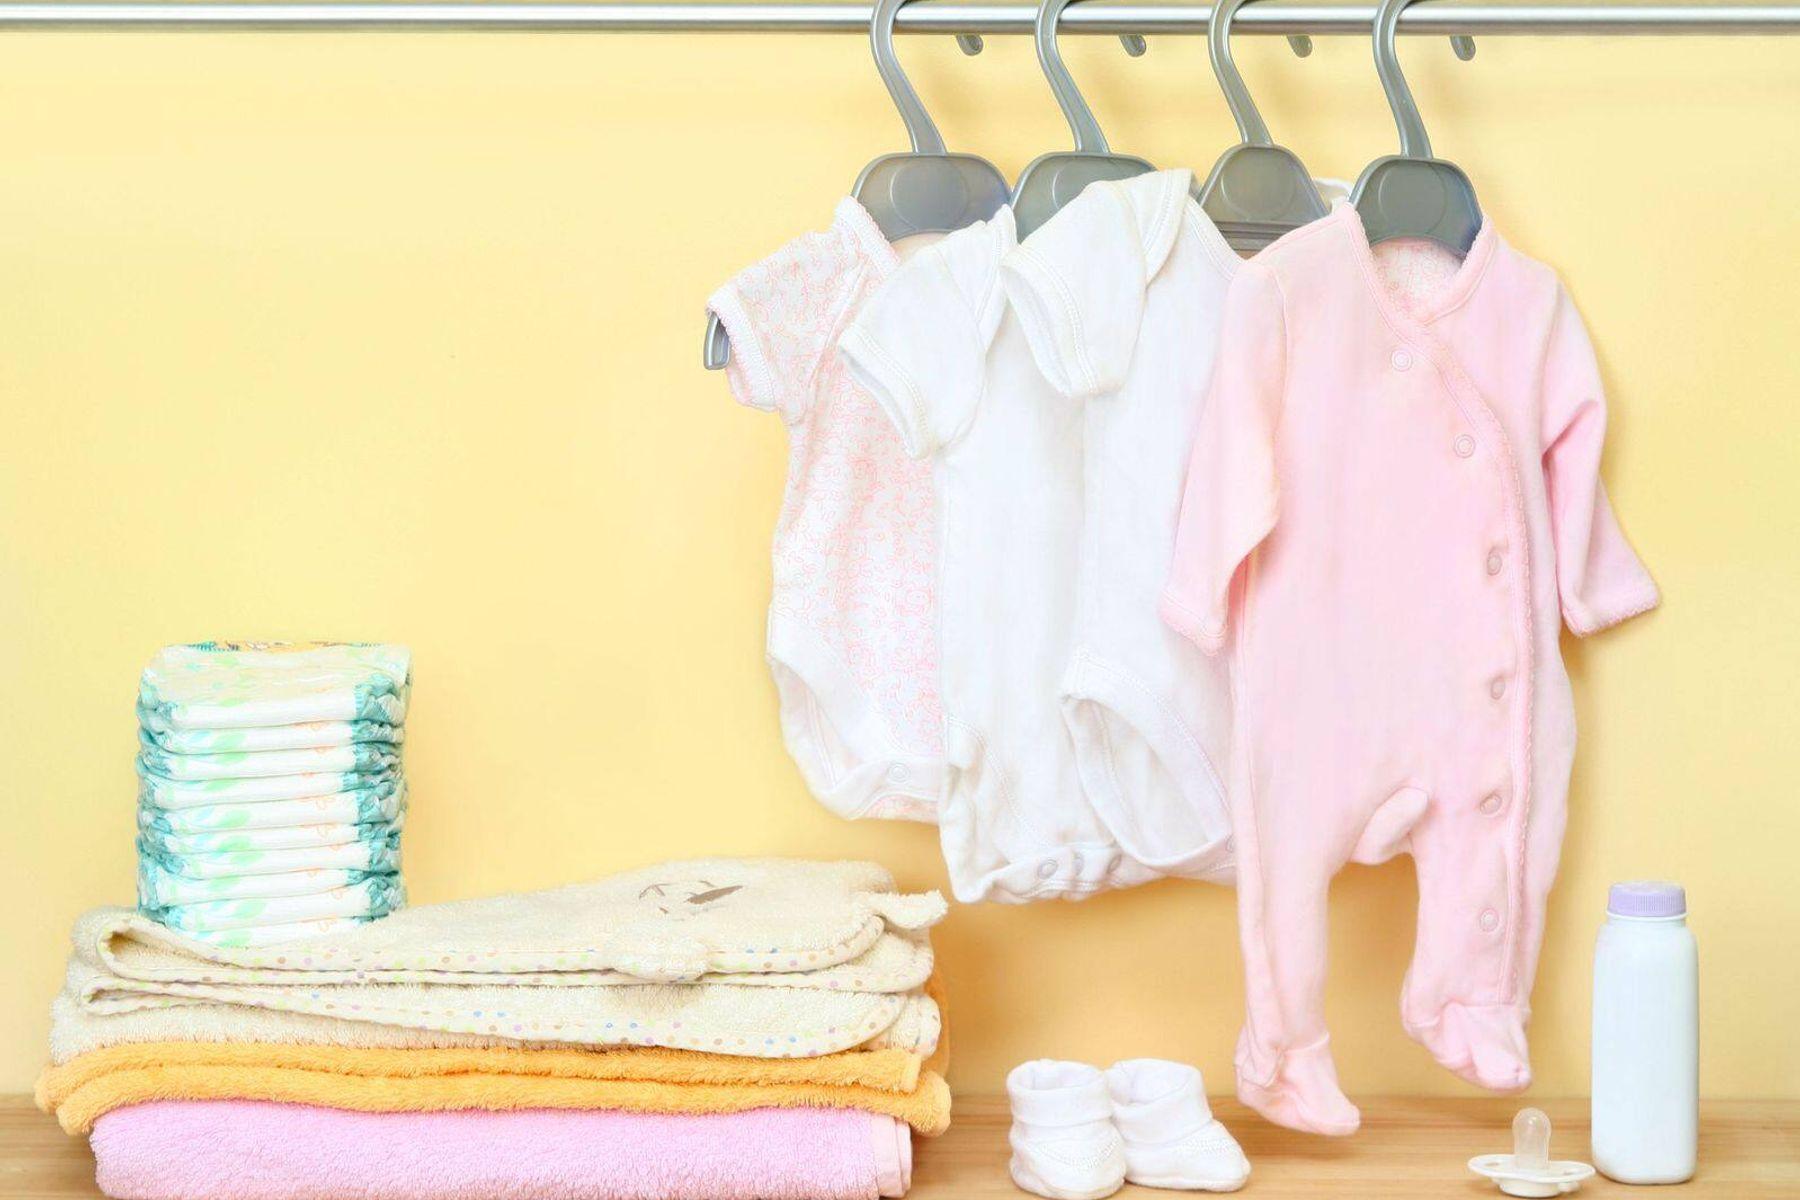 Kinh nghiệm chuẩn bị đồ sơ sinh cho lần đầu làm mẹ